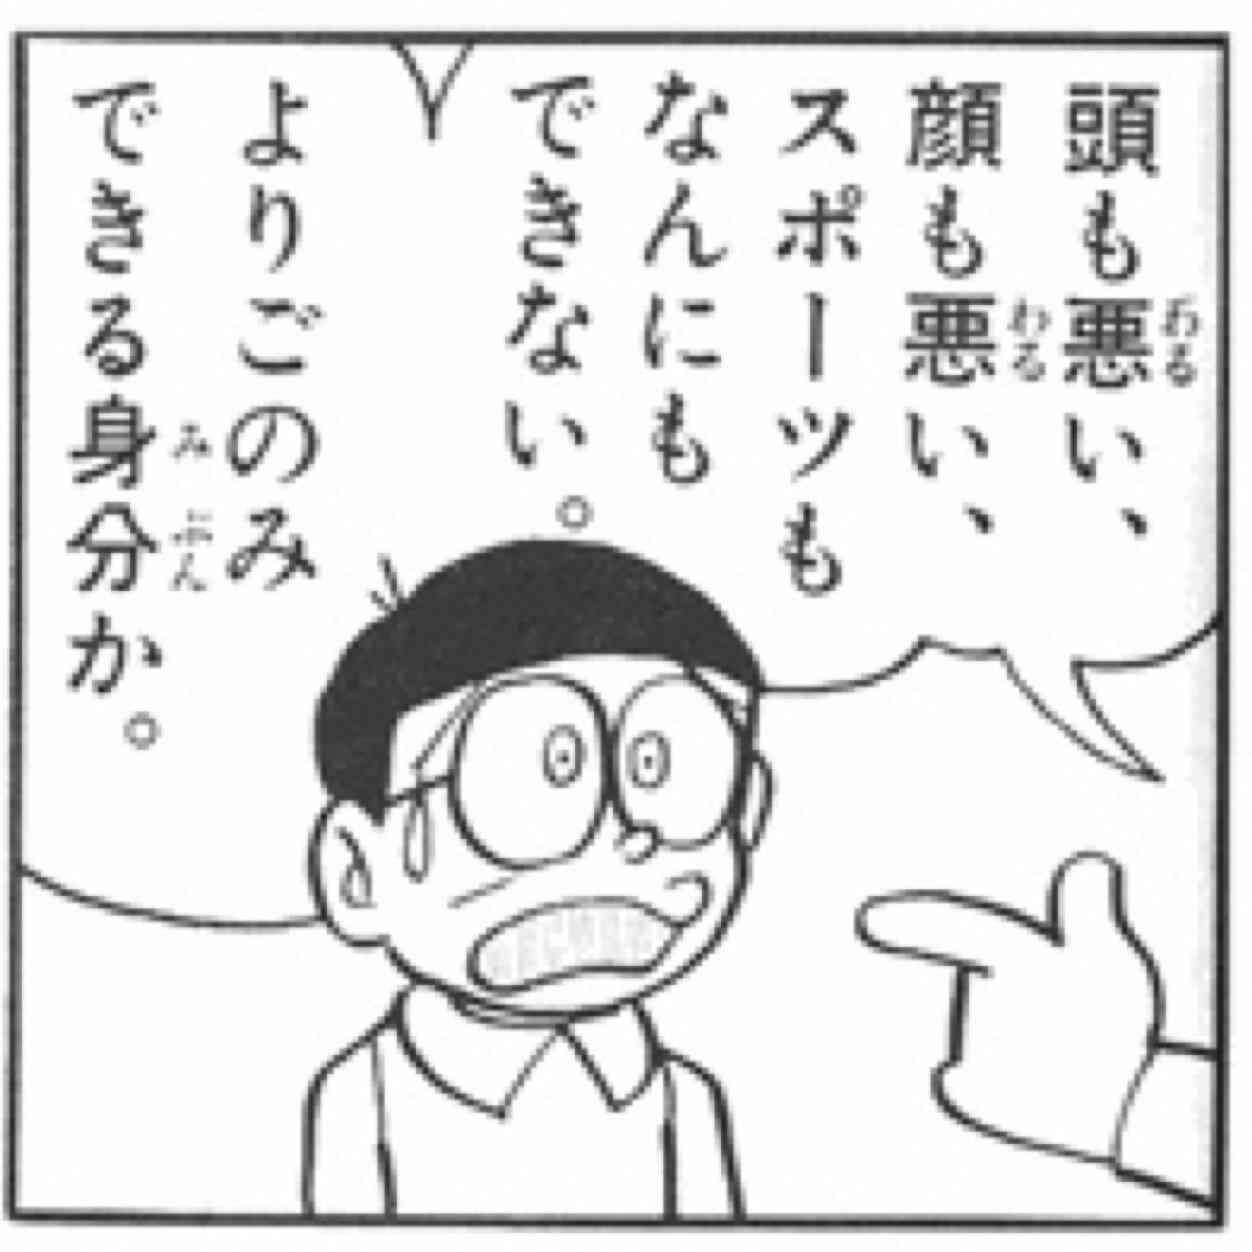 ダメ人間だけど結婚出来たヒト~!!